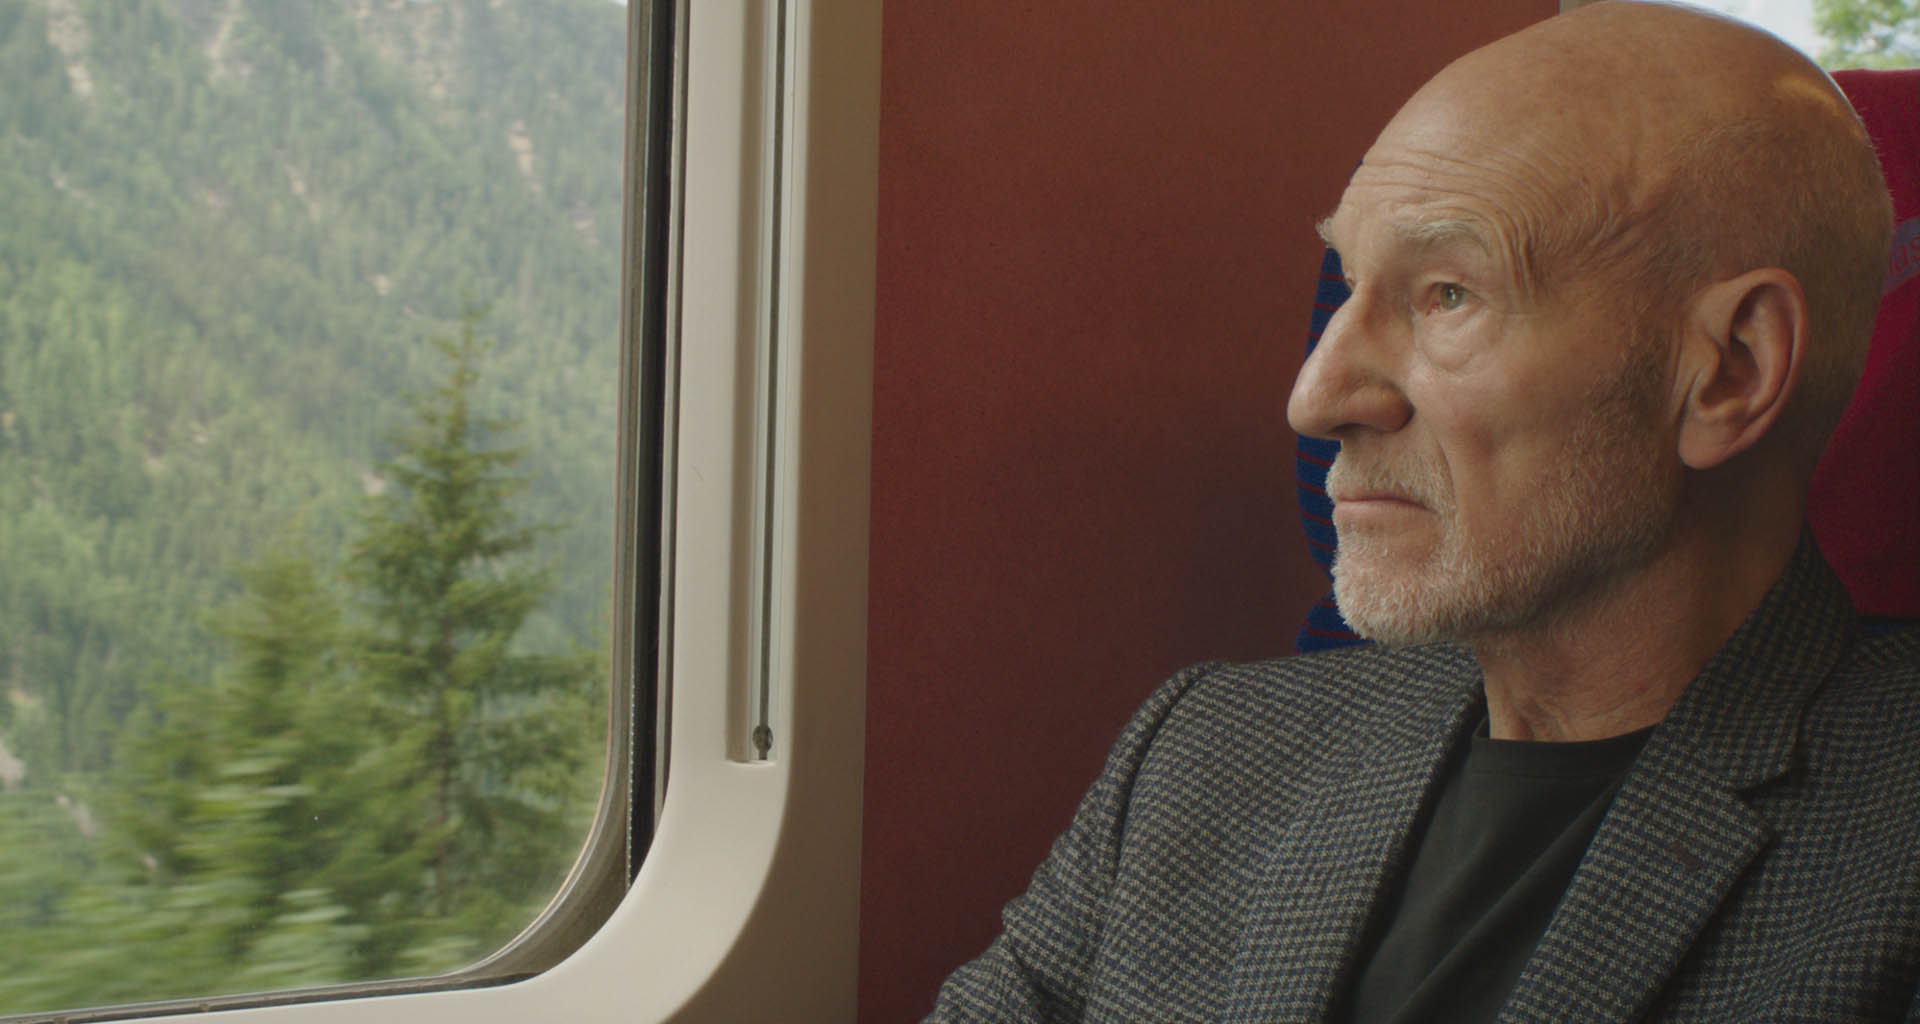 演戲超過半世紀的派屈克史都華更坦言,片中一場戲拍攝過程中竟讓他憶起恩師費雯麗